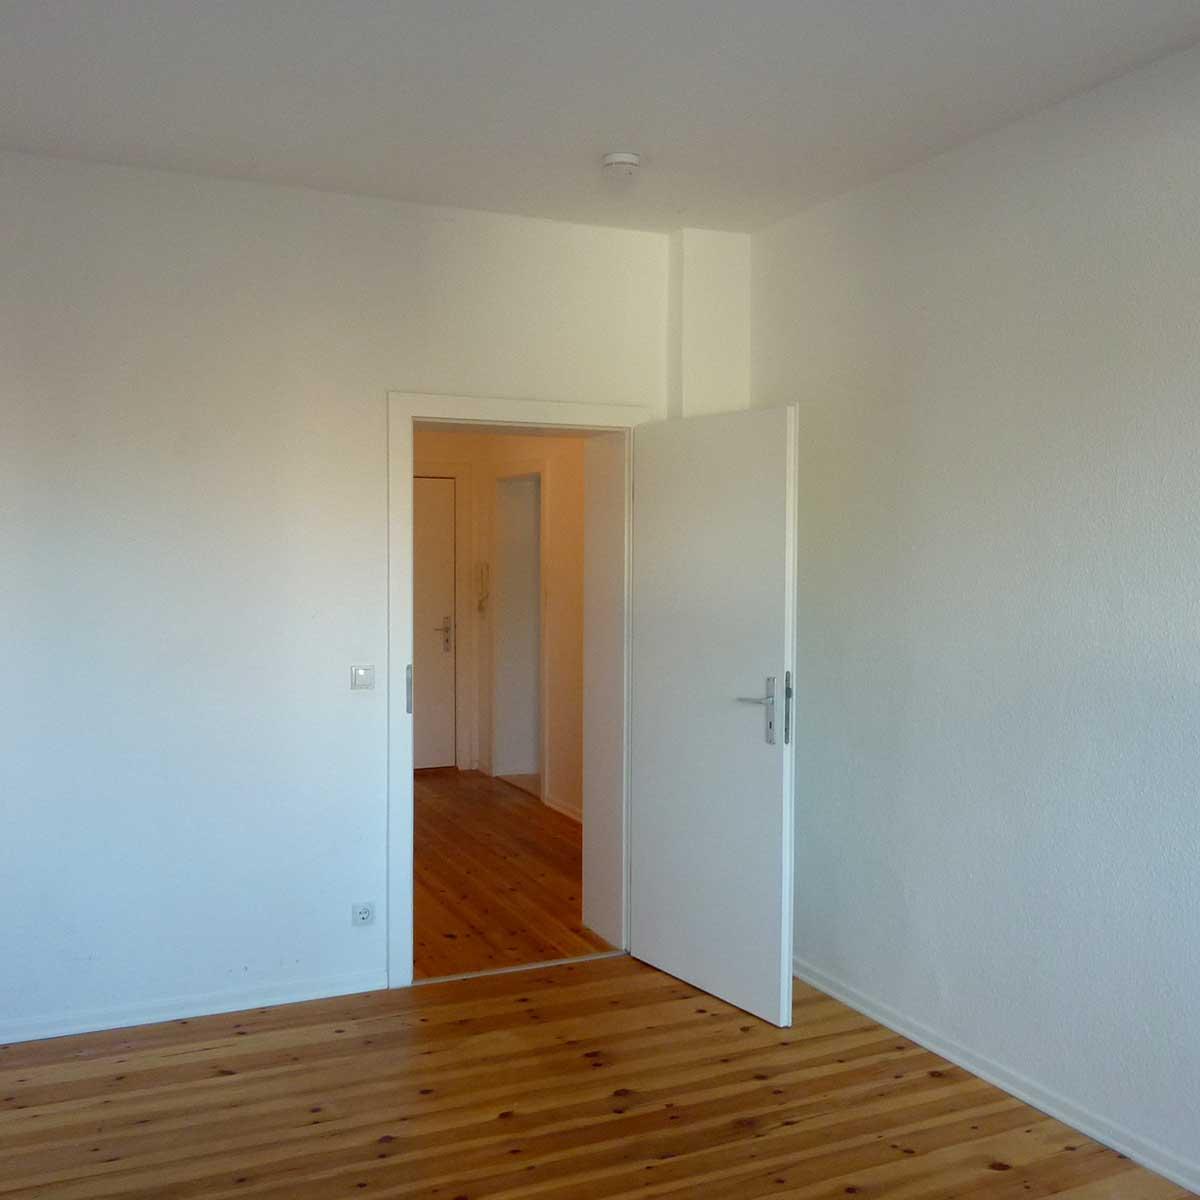 Renovierte Wohnung der Baugenossenschaft Kiel Hassee